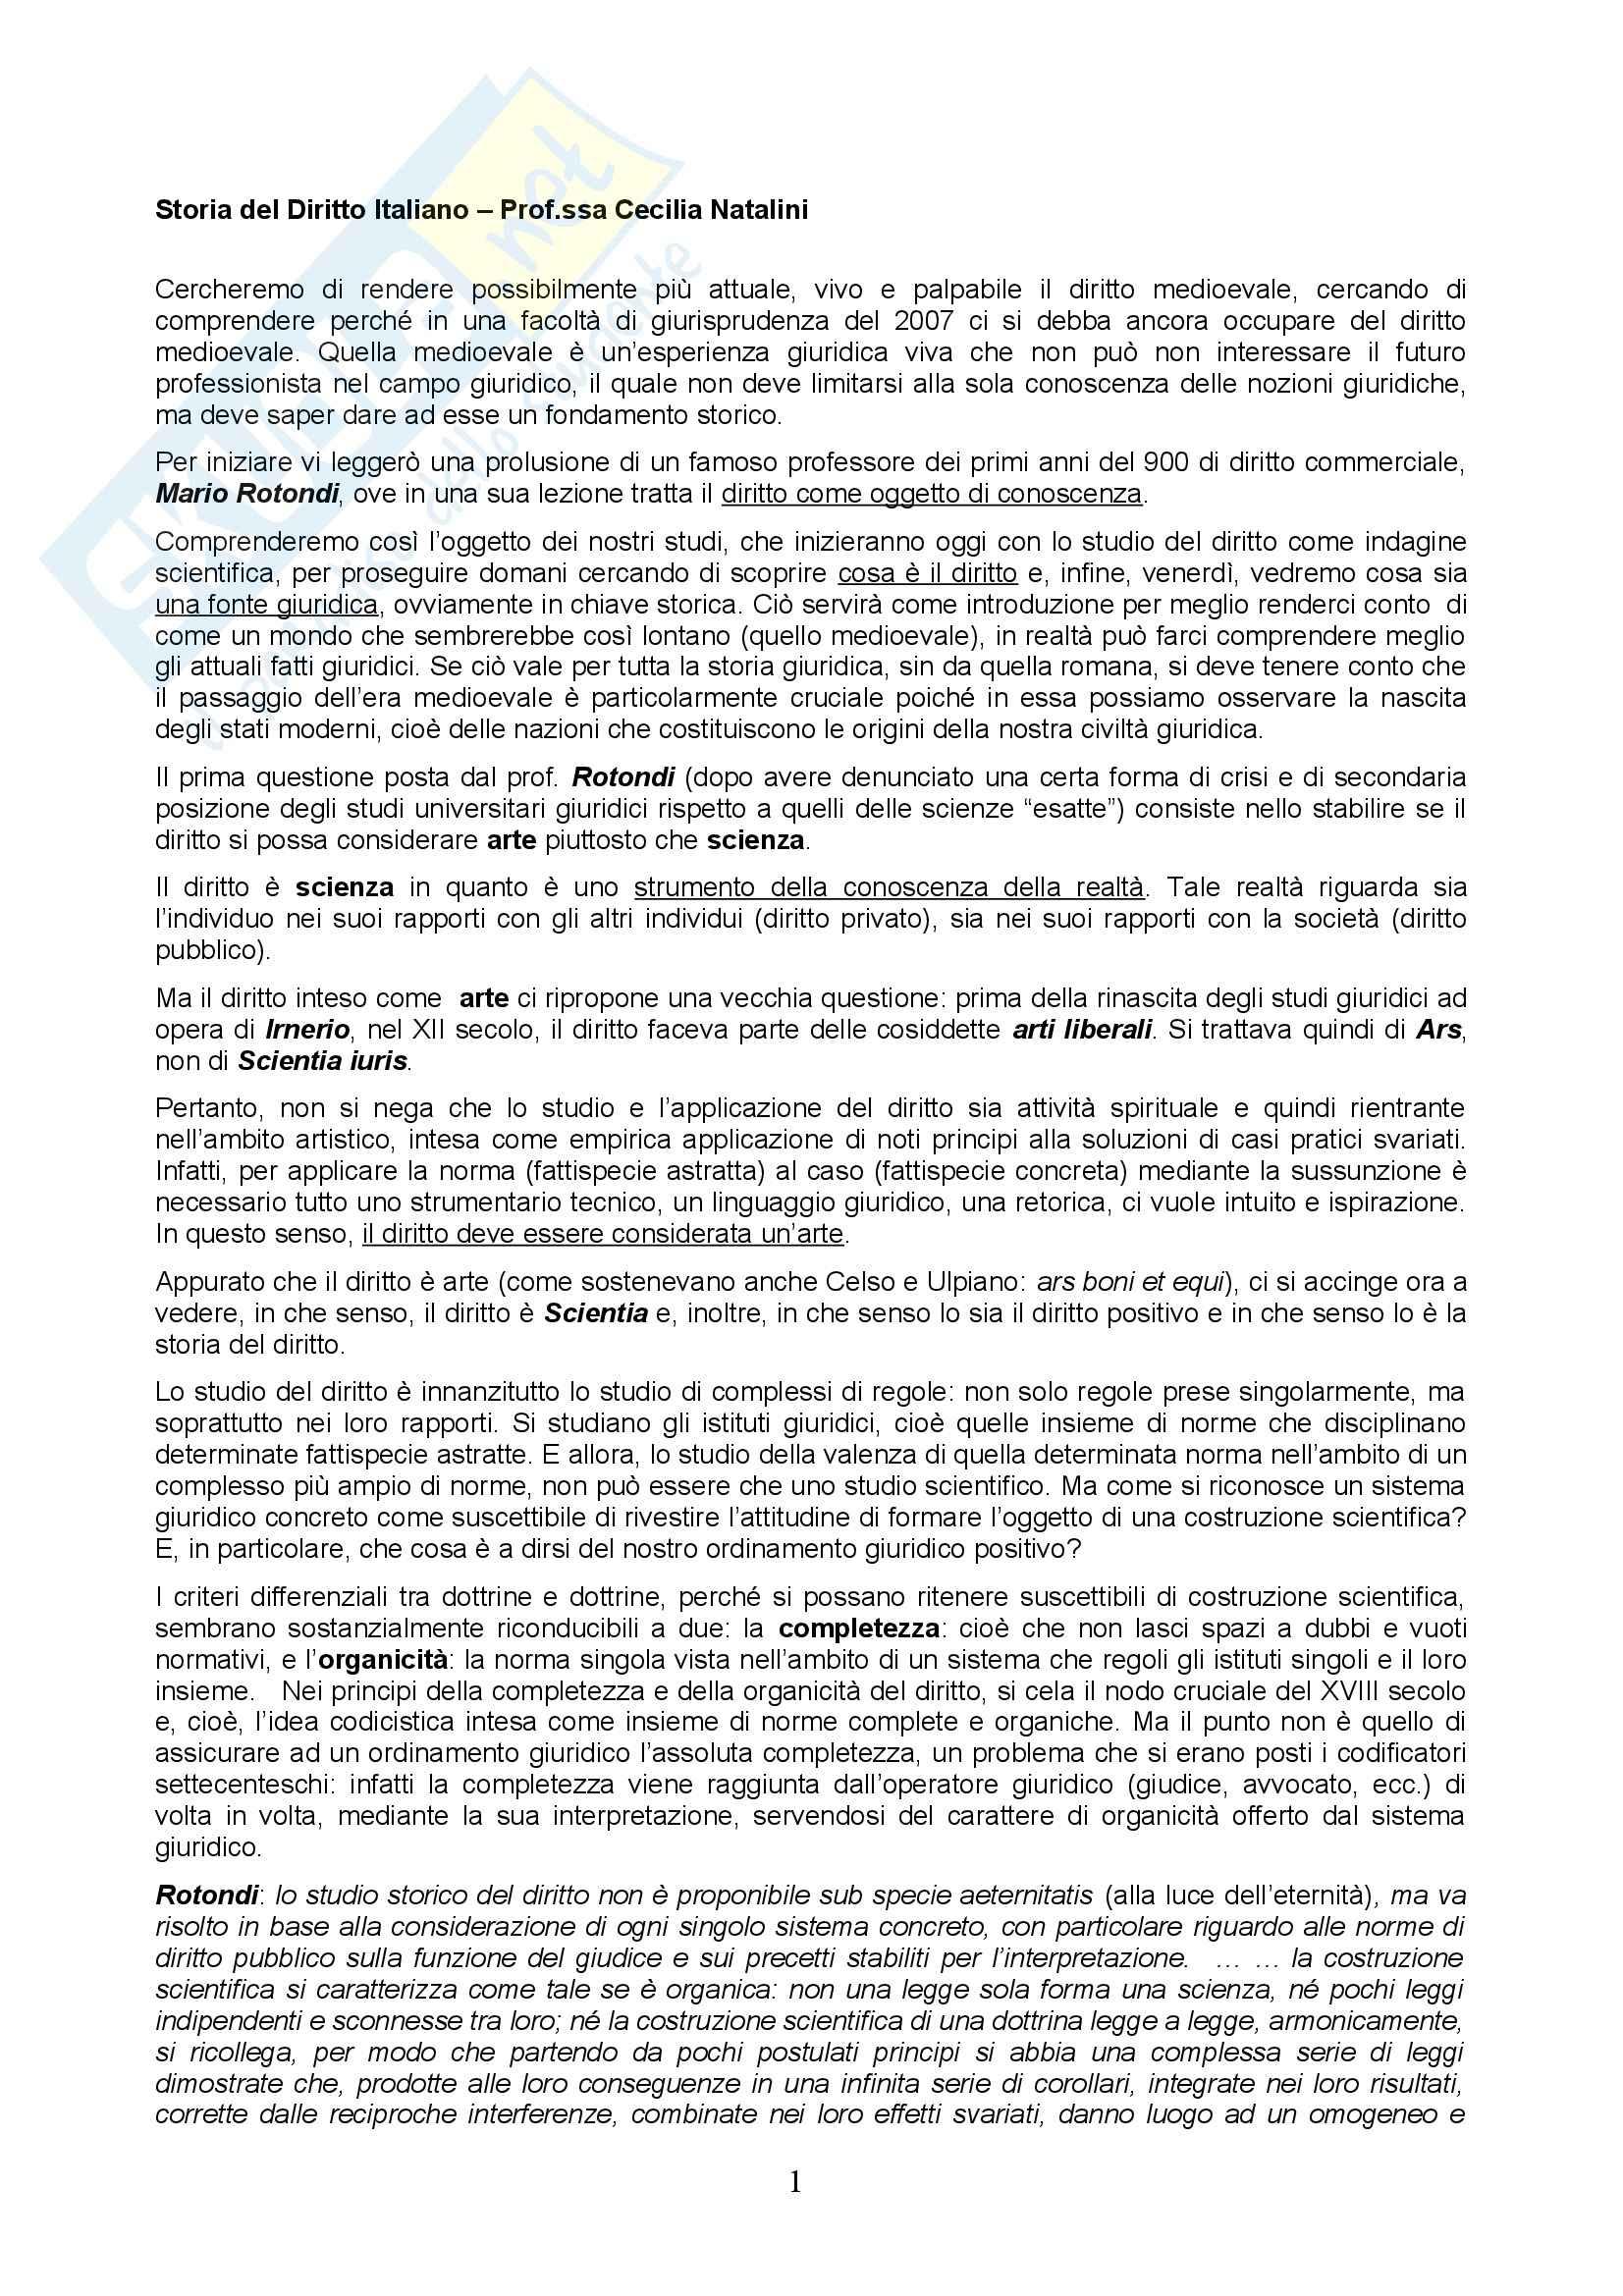 Storia del diritto italiano - lezioni